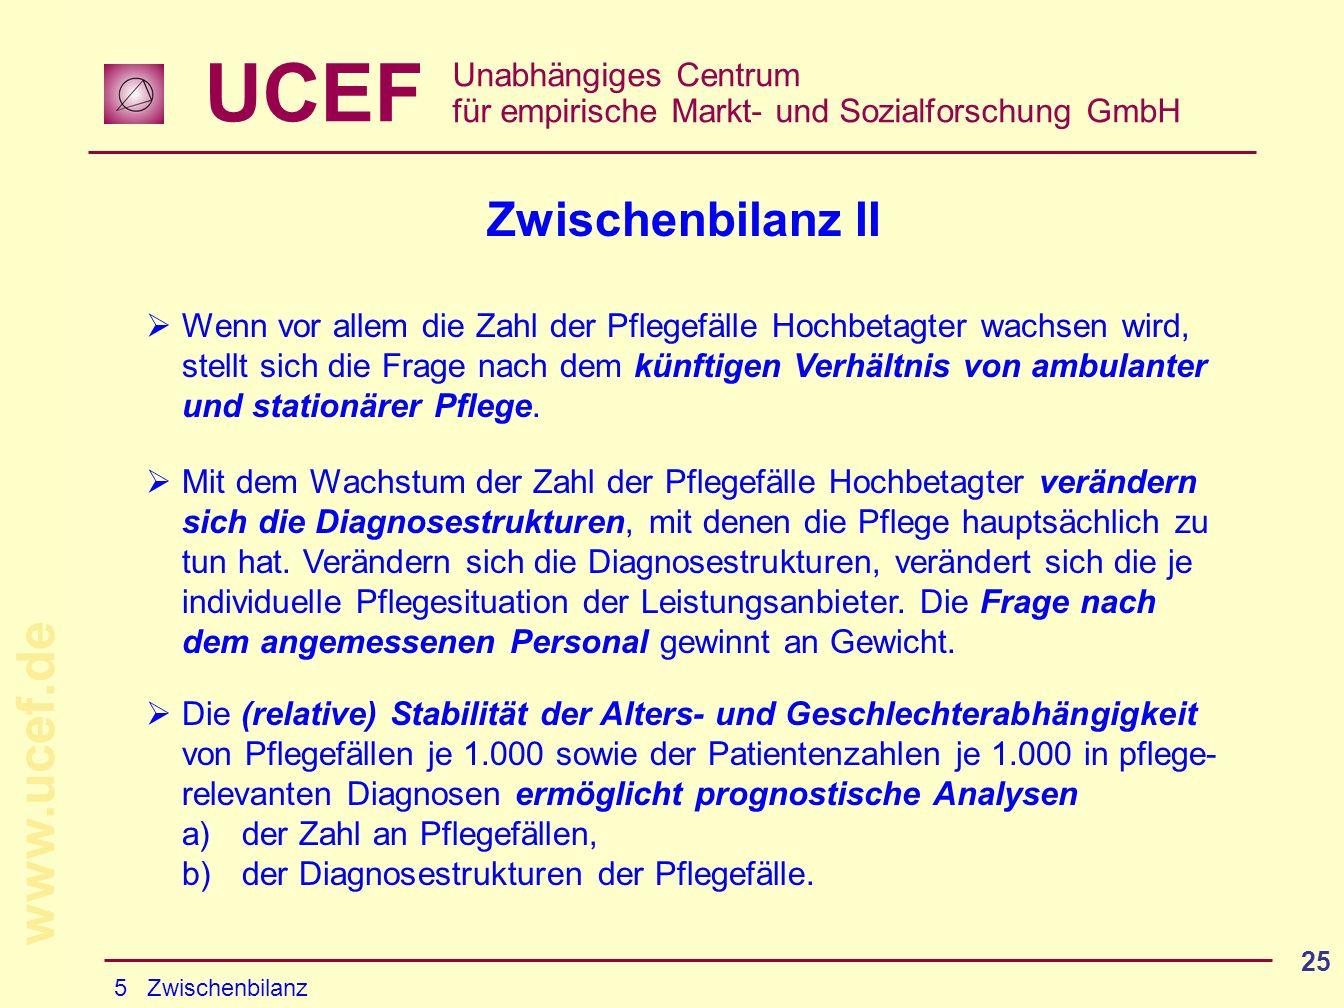 UCEF Unabhängiges Centrum für empirische Markt- und Sozialforschung GmbH www.ucef.de 25 Zwischenbilanz II Wenn vor allem die Zahl der Pflegefälle Hochbetagter wachsen wird, stellt sich die Frage nach dem künftigen Verhältnis von ambulanter und stationärer Pflege.